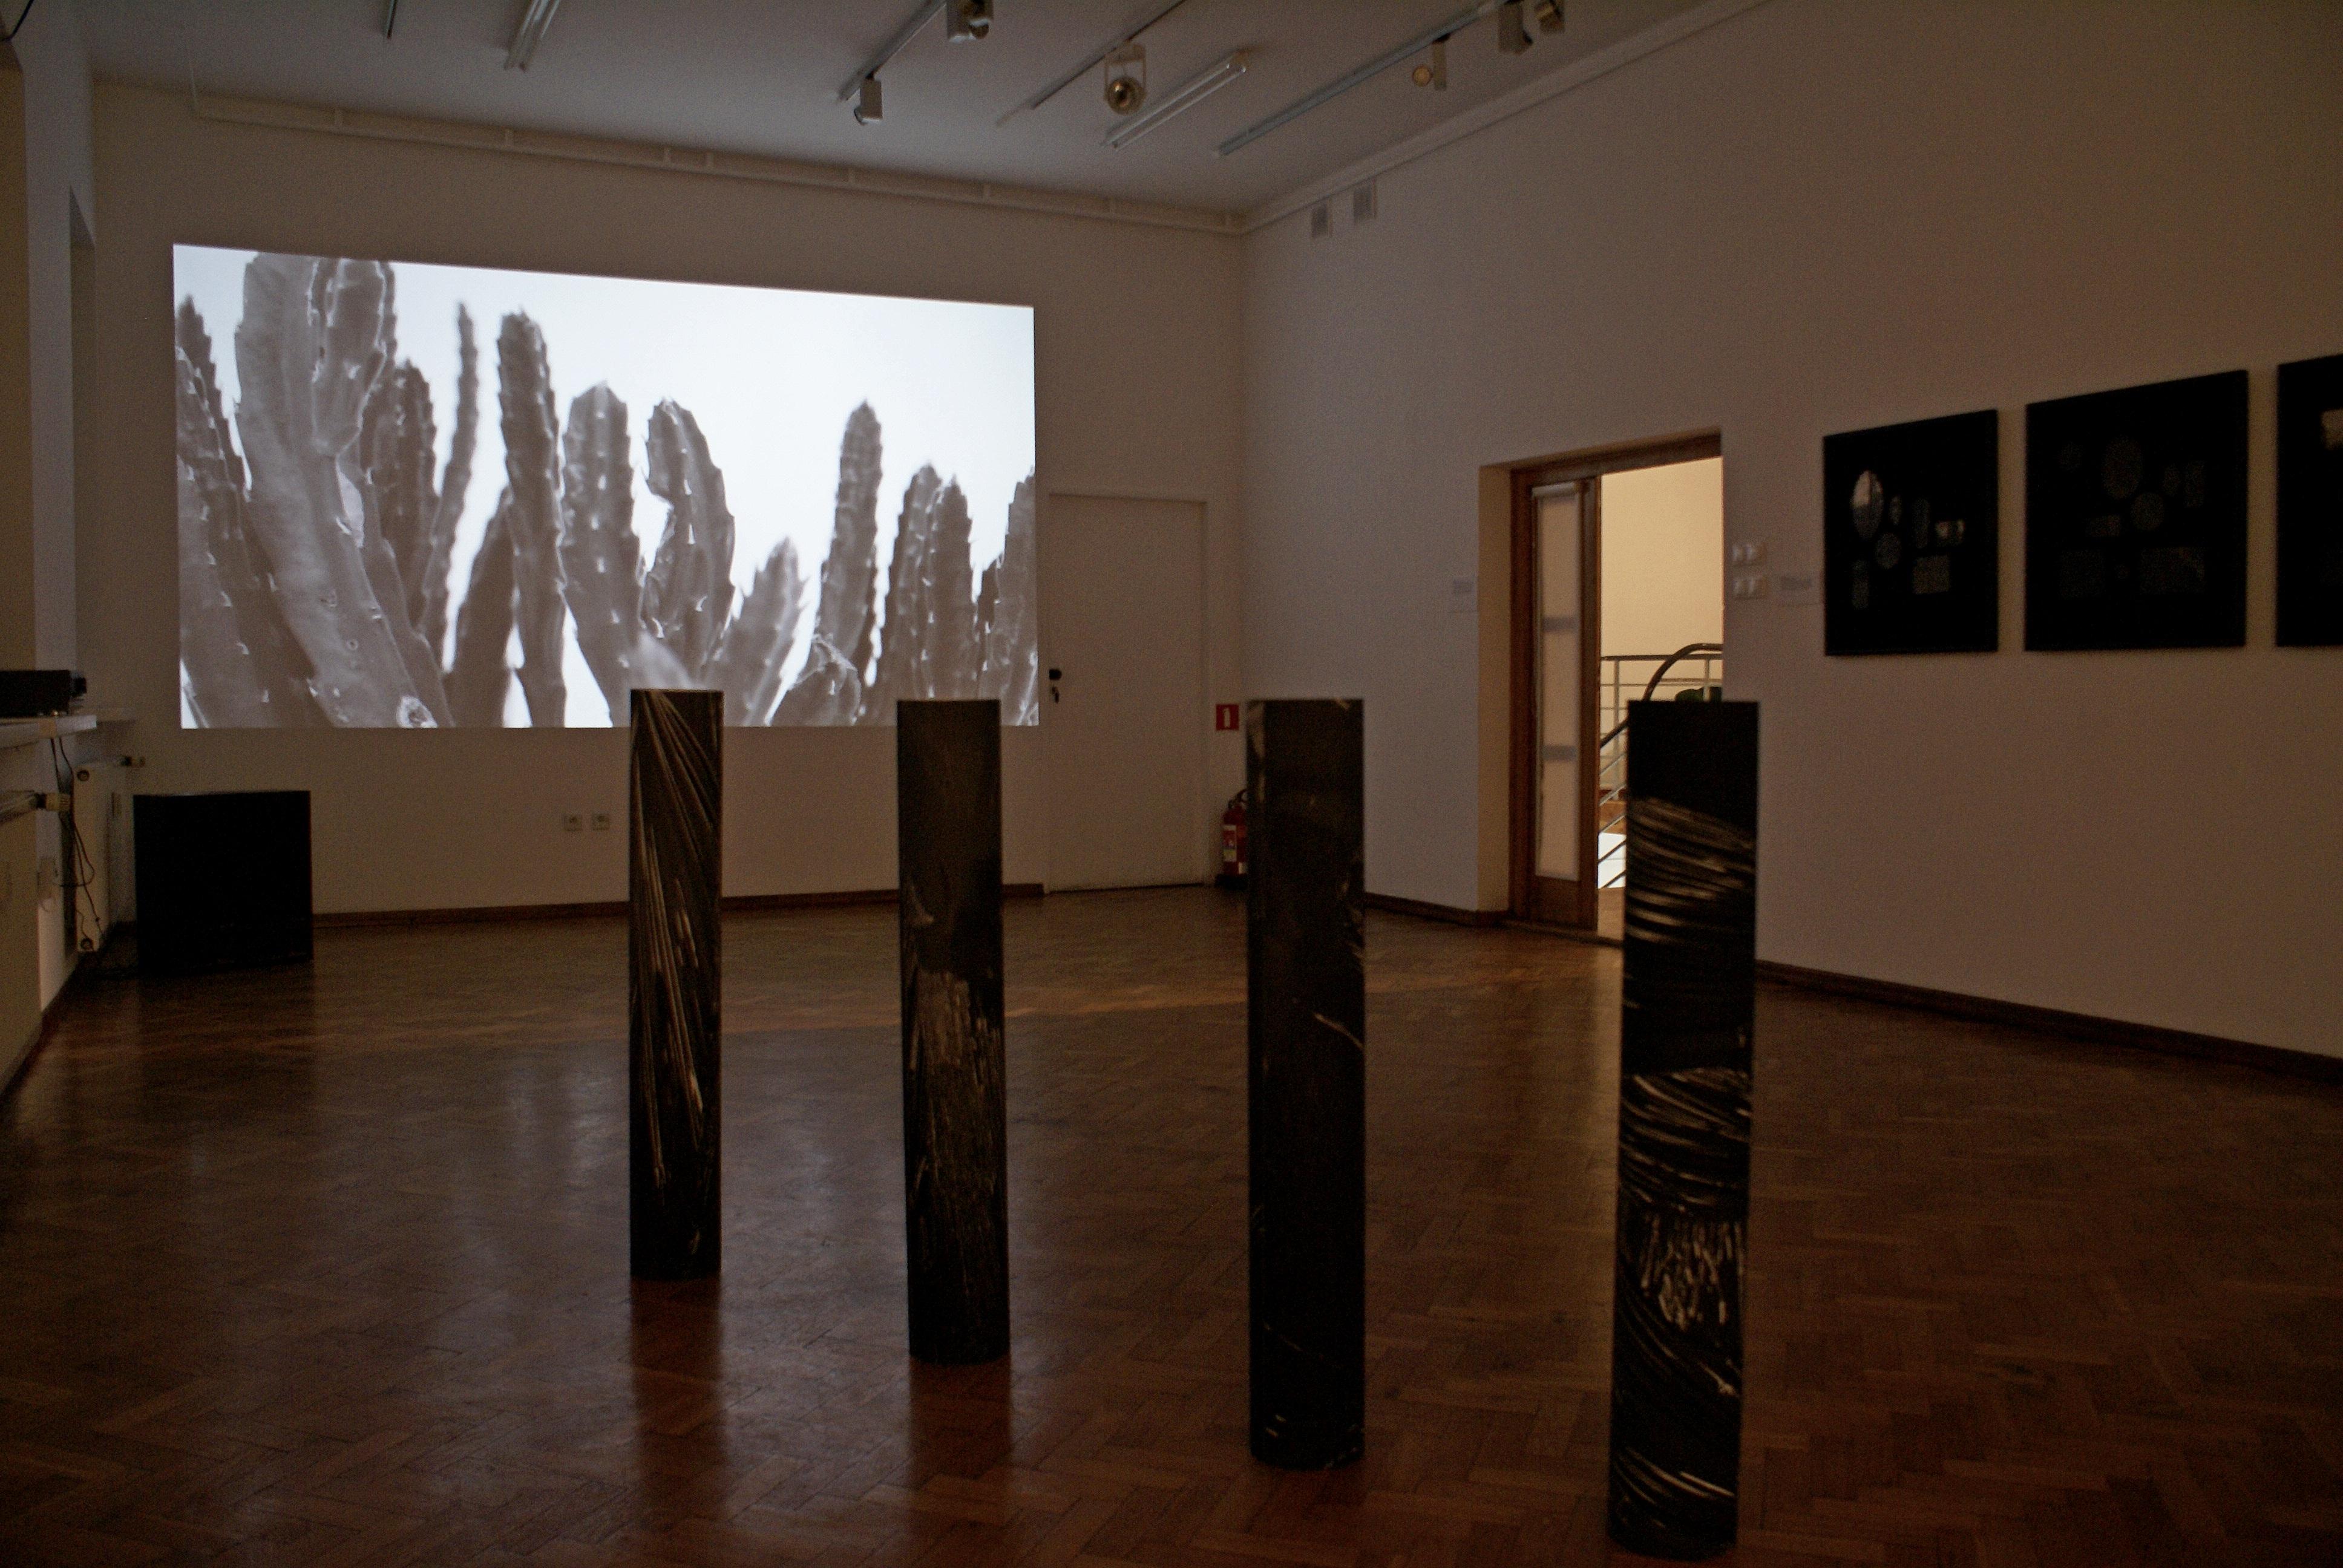 Milczenie dźwięków, widok wystawy